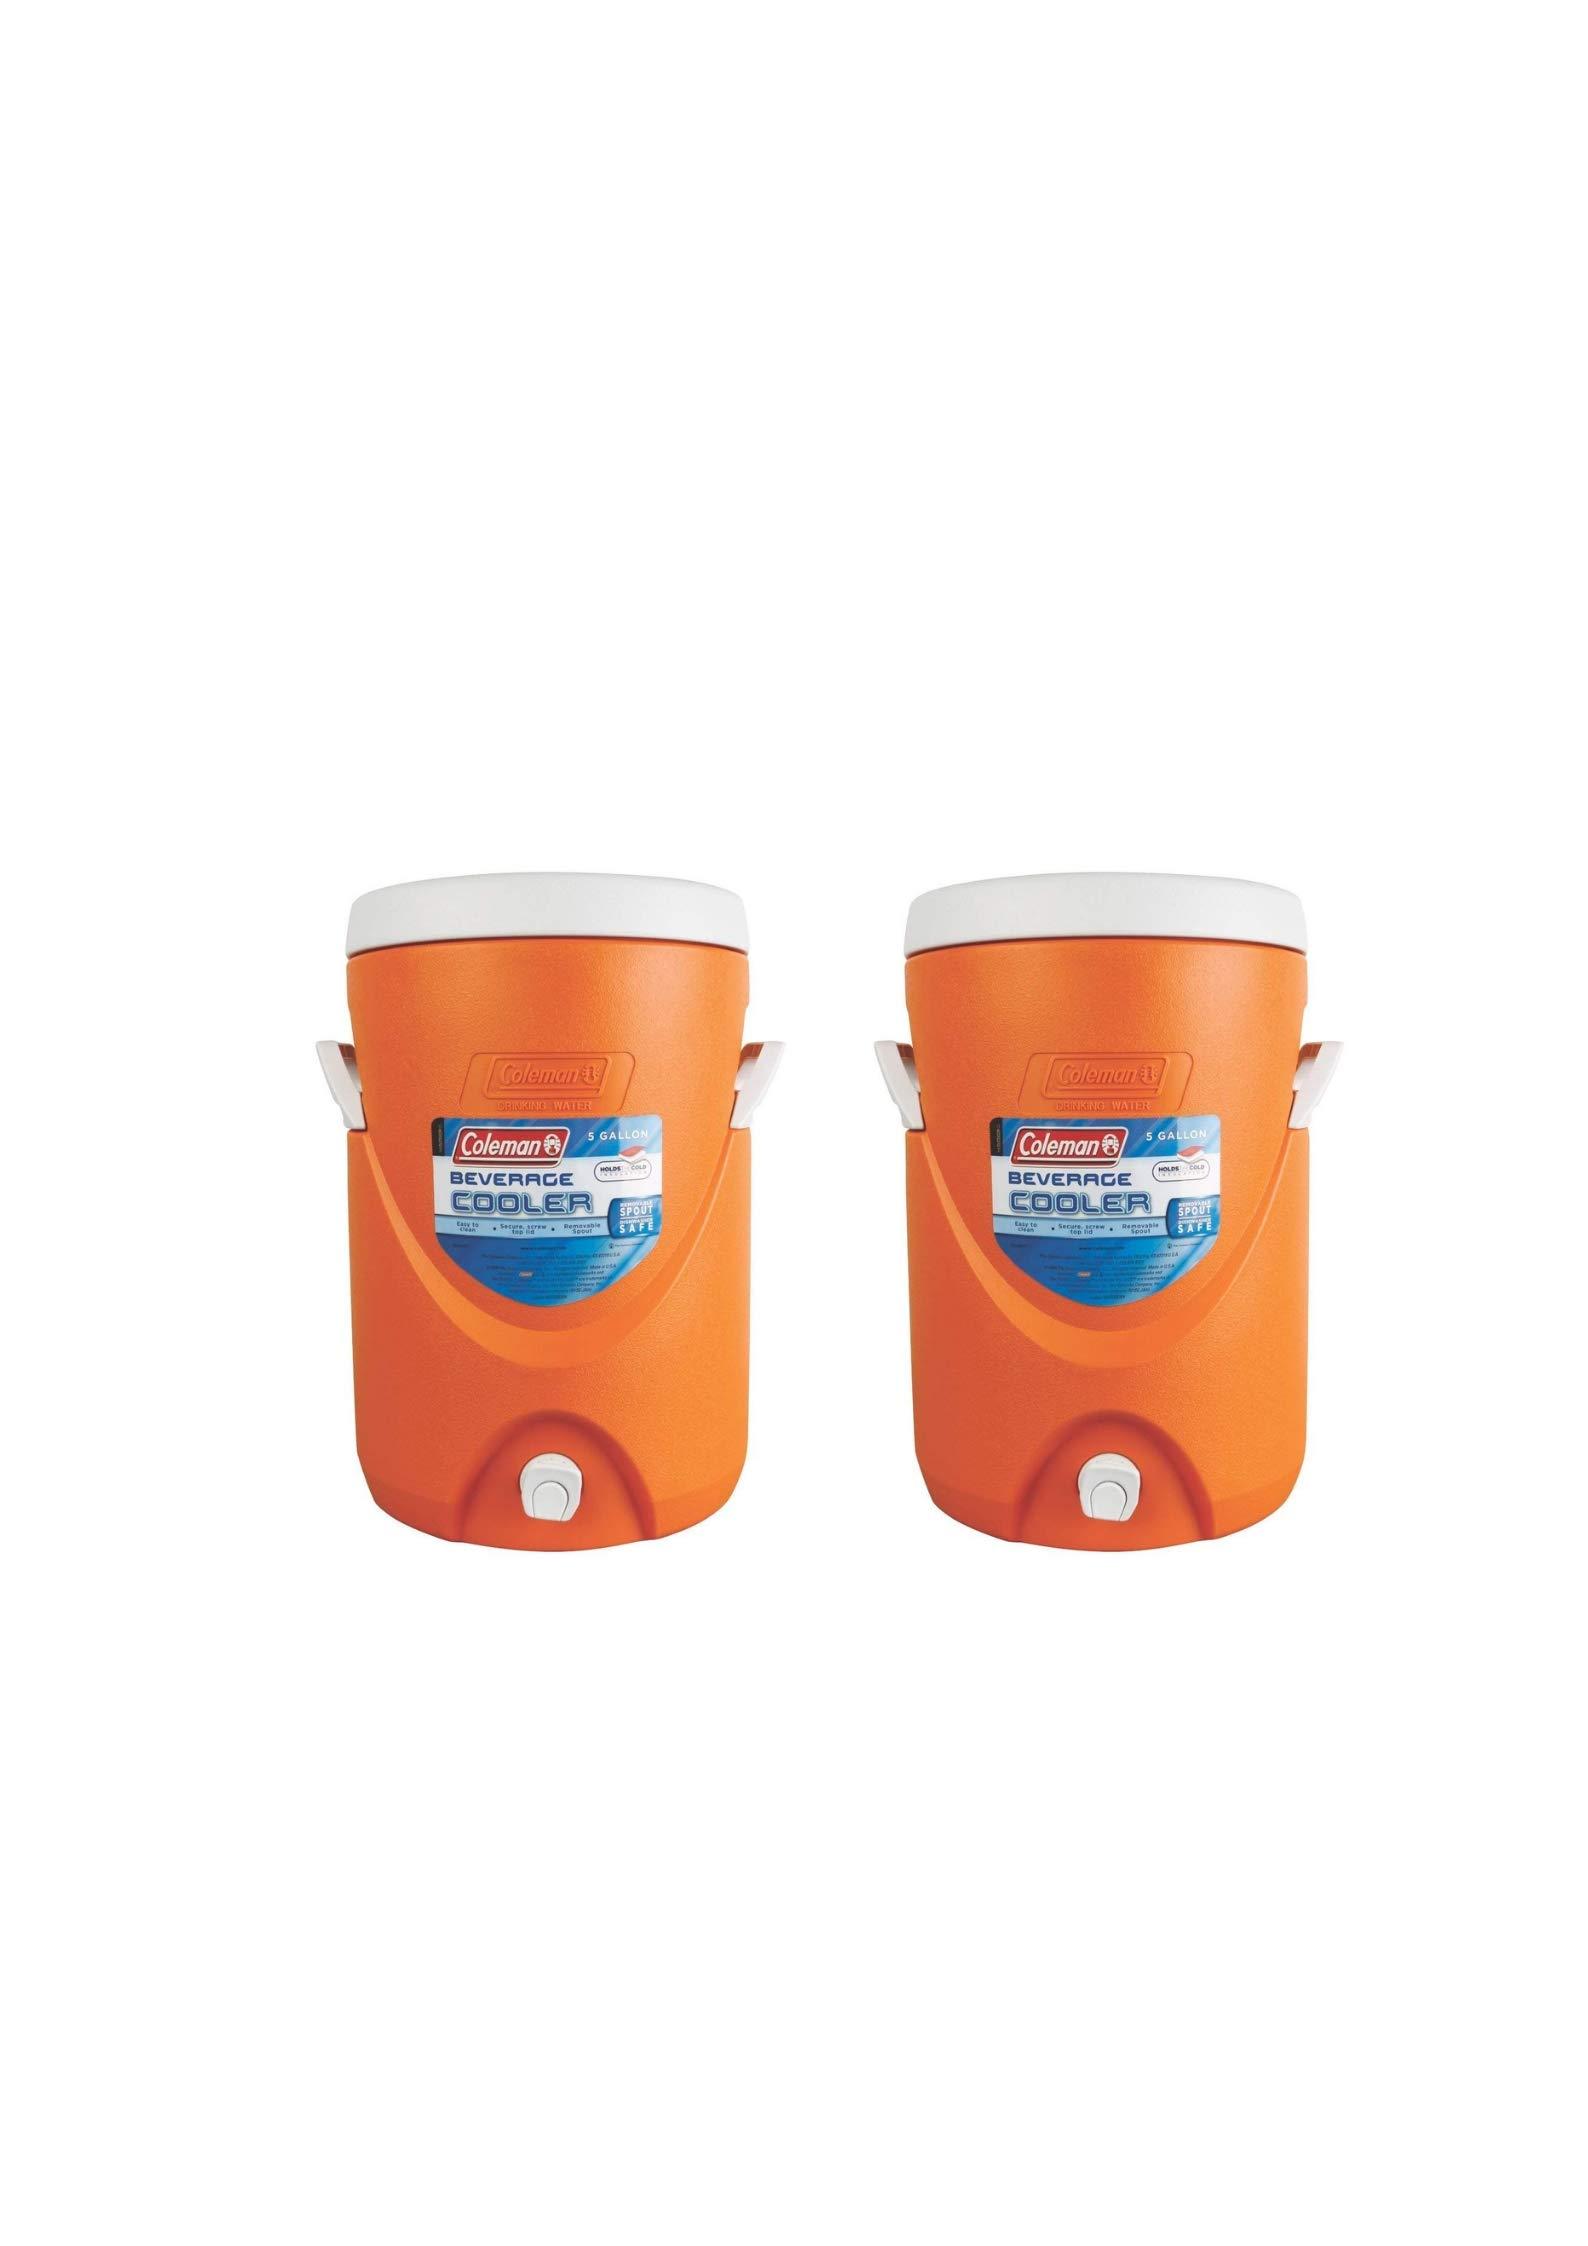 Coleman 5-Gallon Beverage Cooler (2 Pack,Orange)